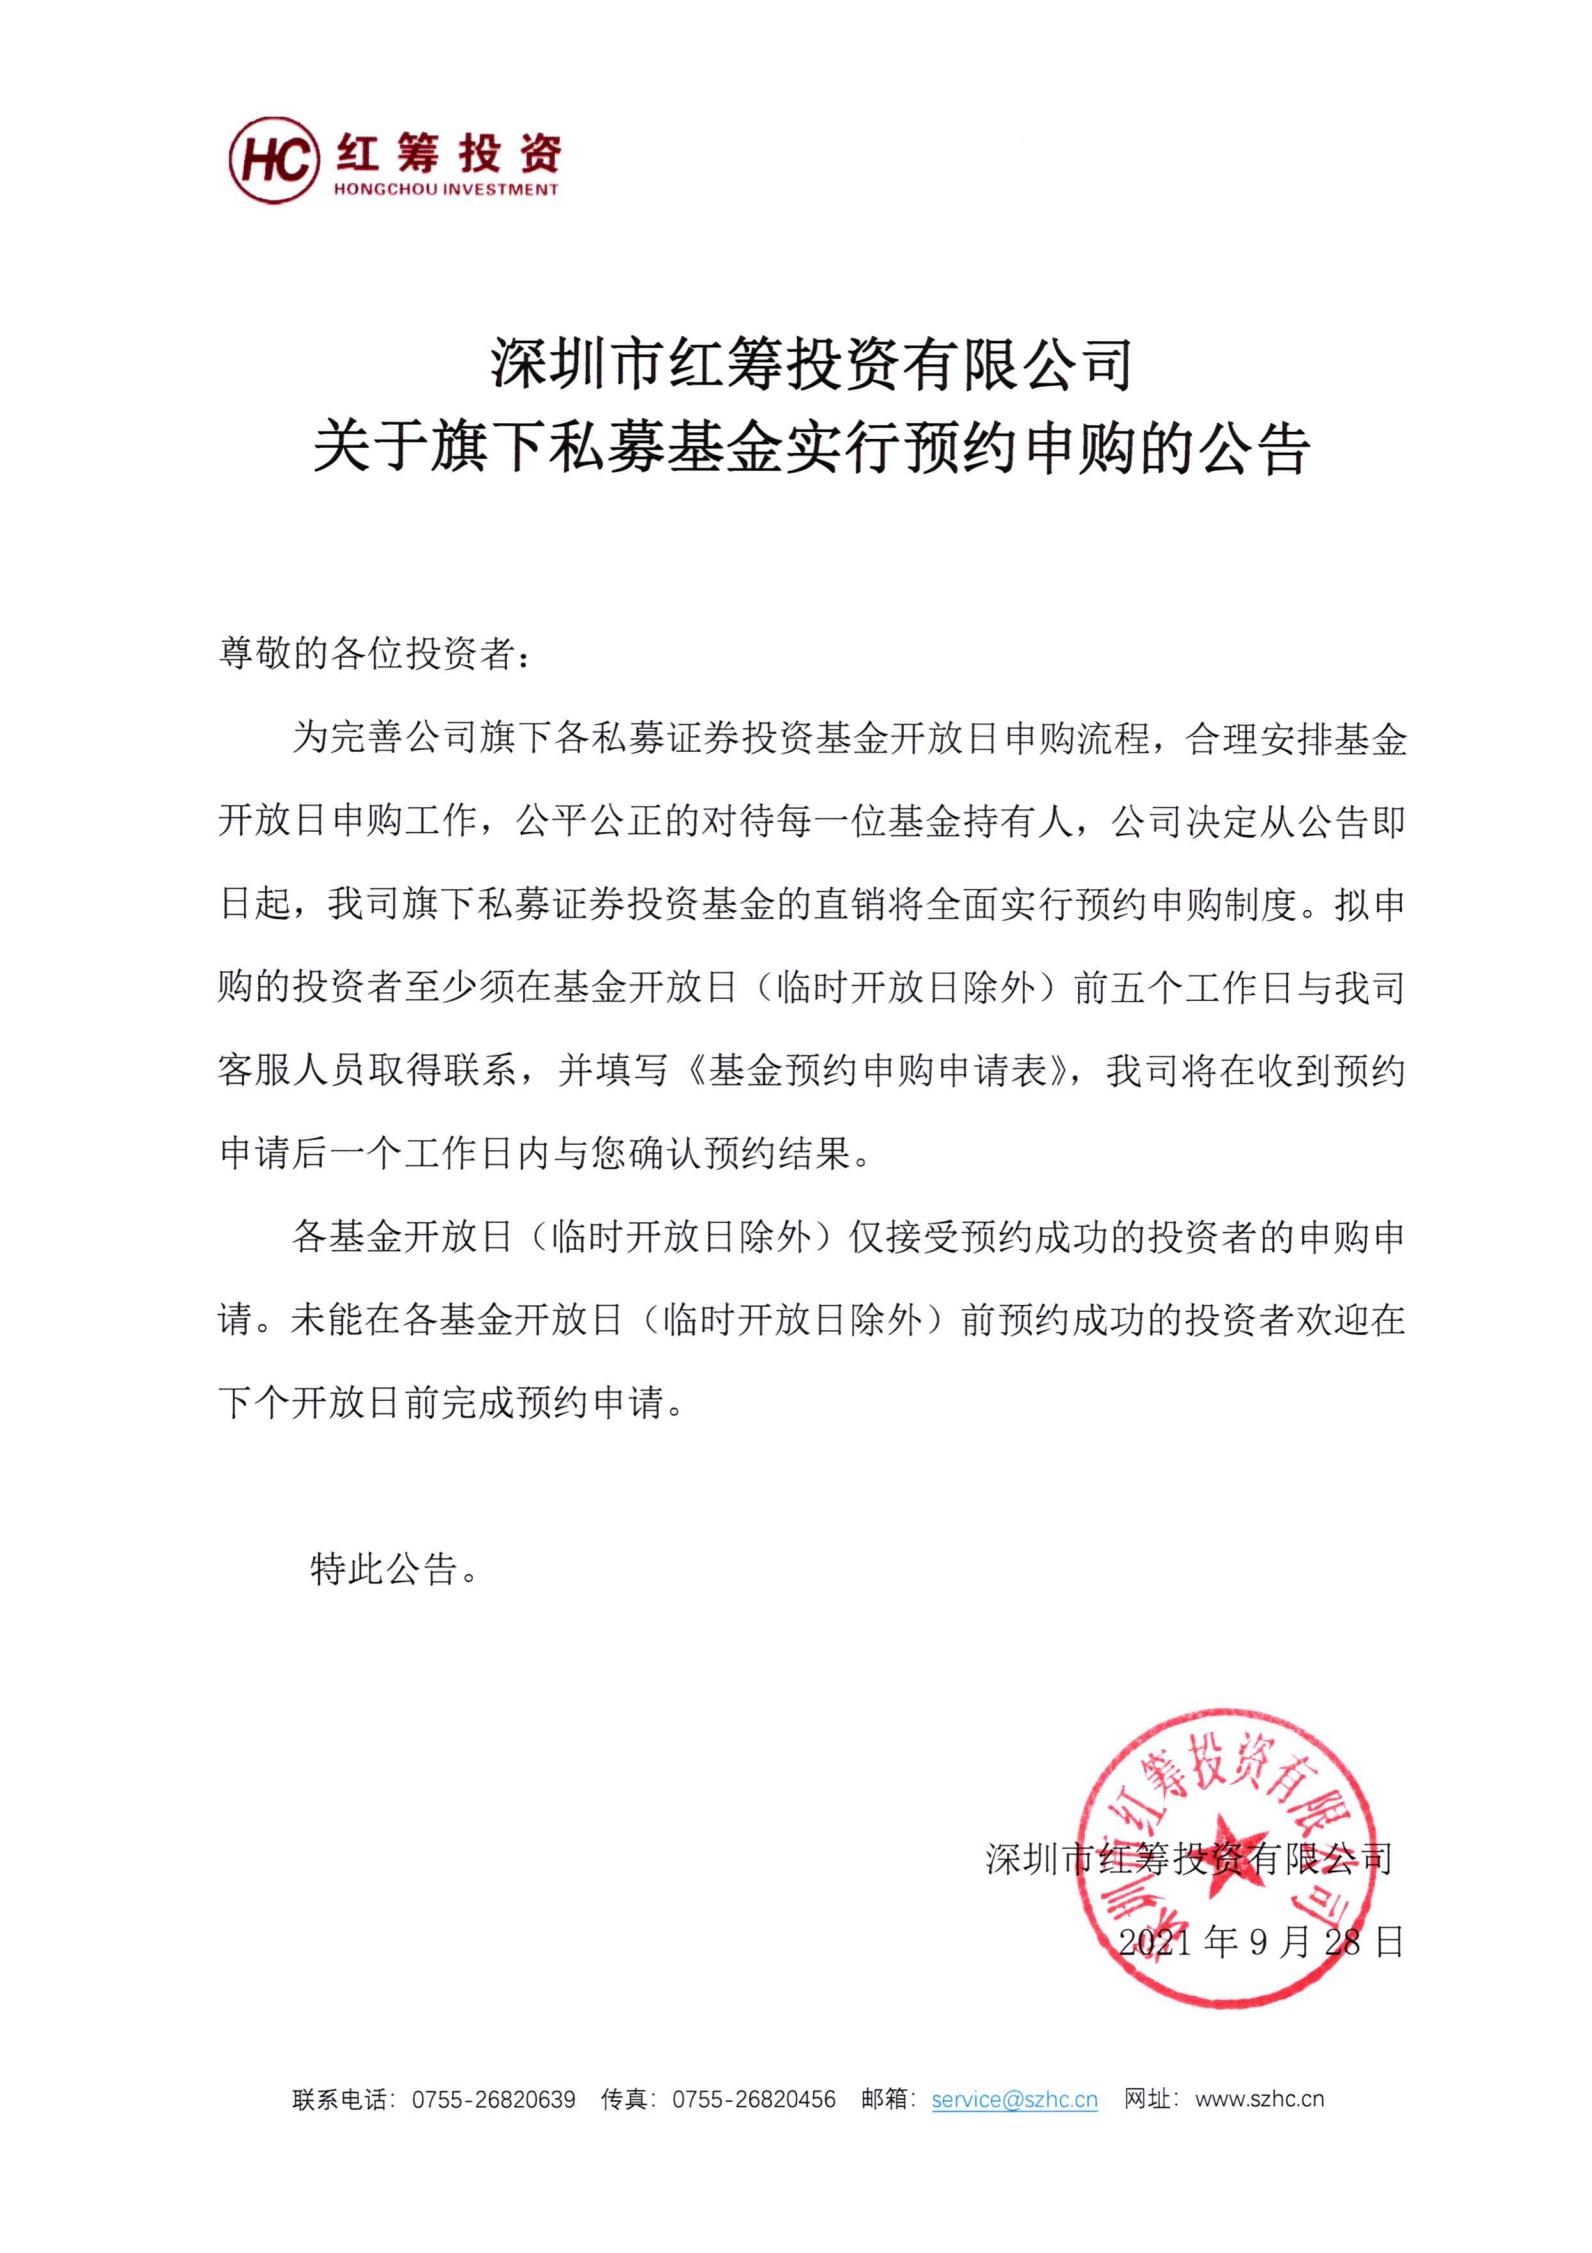 深圳市红筹投资有限公司关于旗下私募基金实行预约申购的公告_00.png